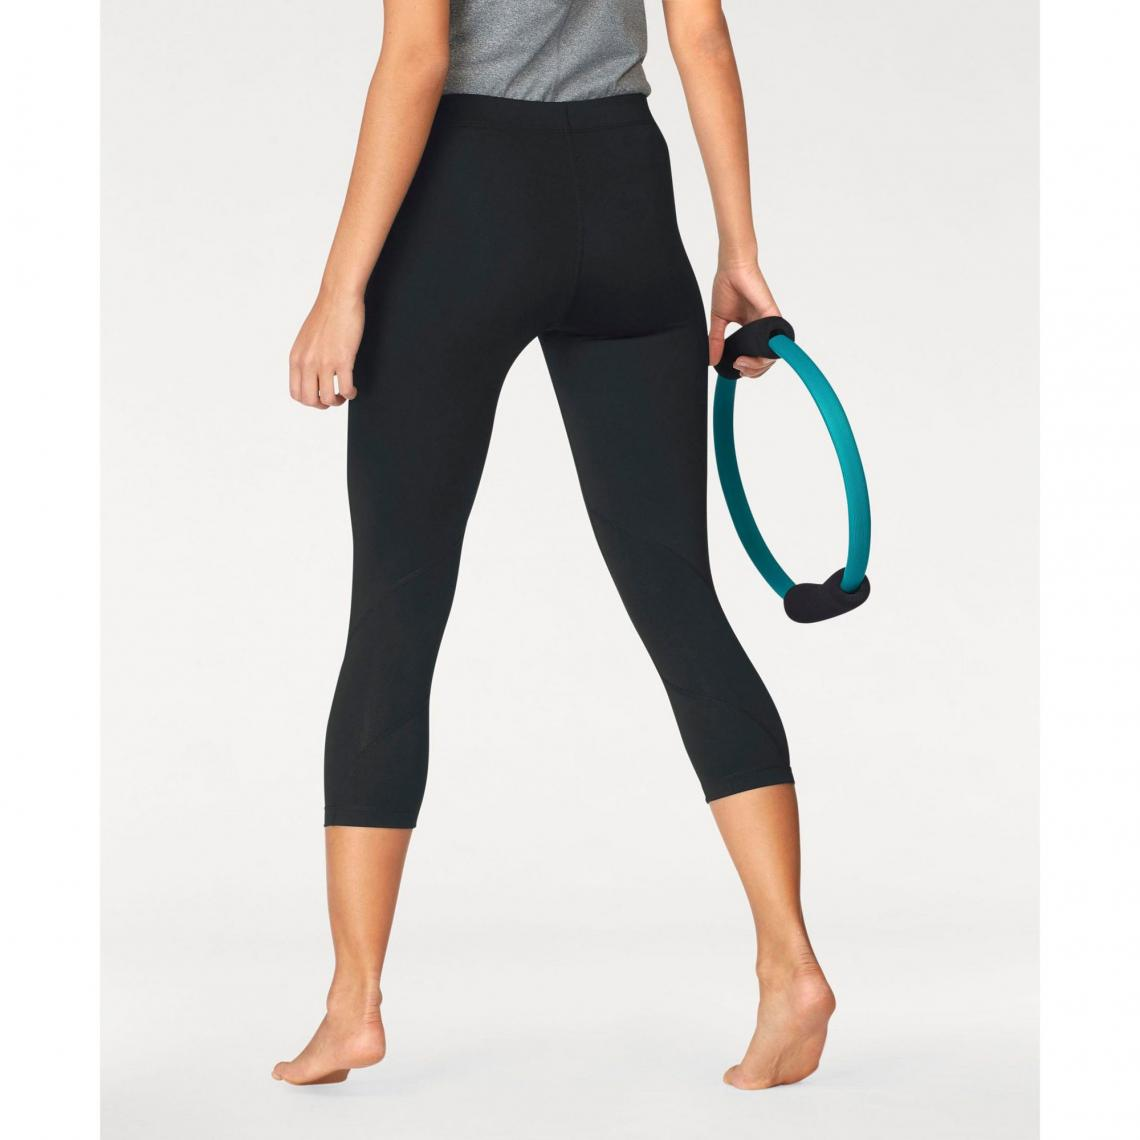 4f7a074110e37 Collant de training 7 8 femme Nike Pro - Noir   3Suisses